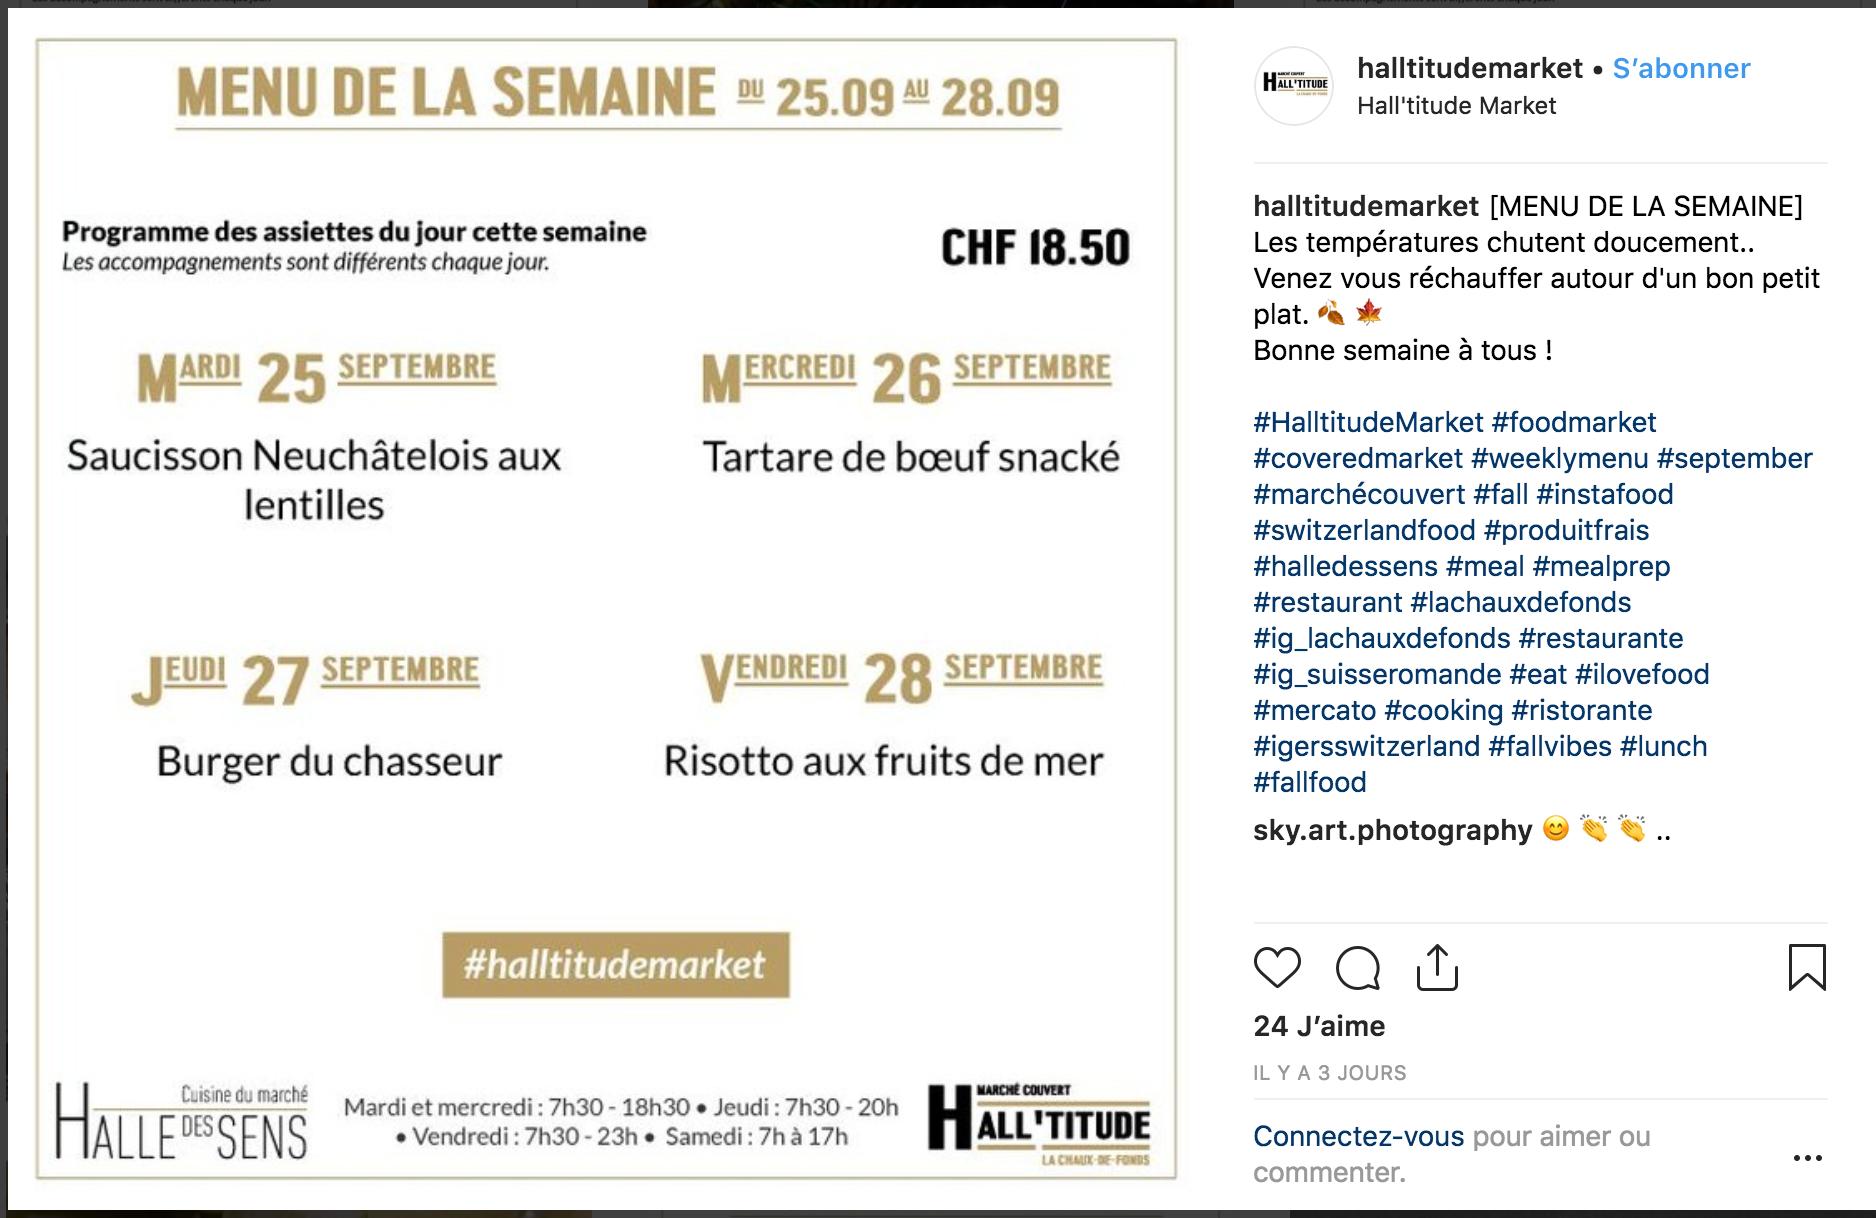 menu-halltitude-market-insta